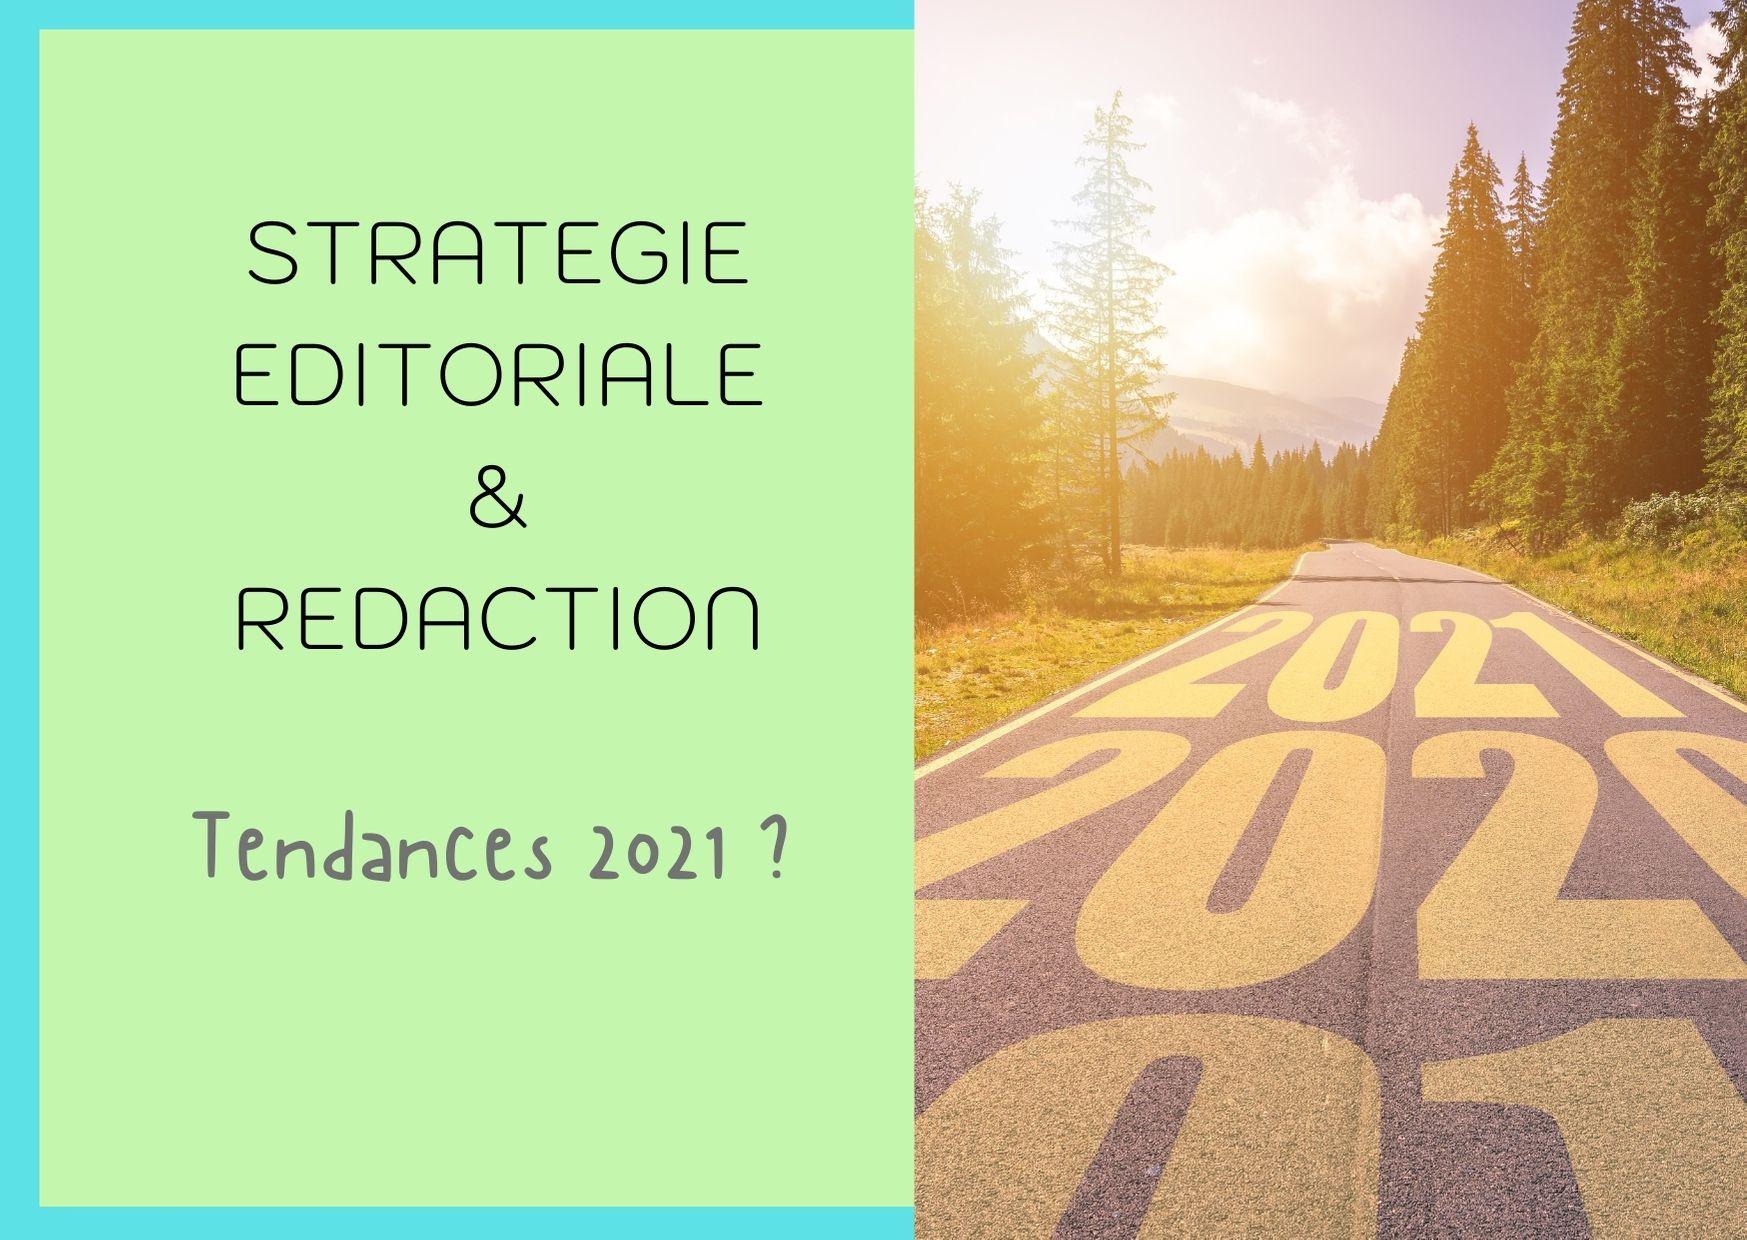 Rédaction et stratégie éditoriale les tendances 2021